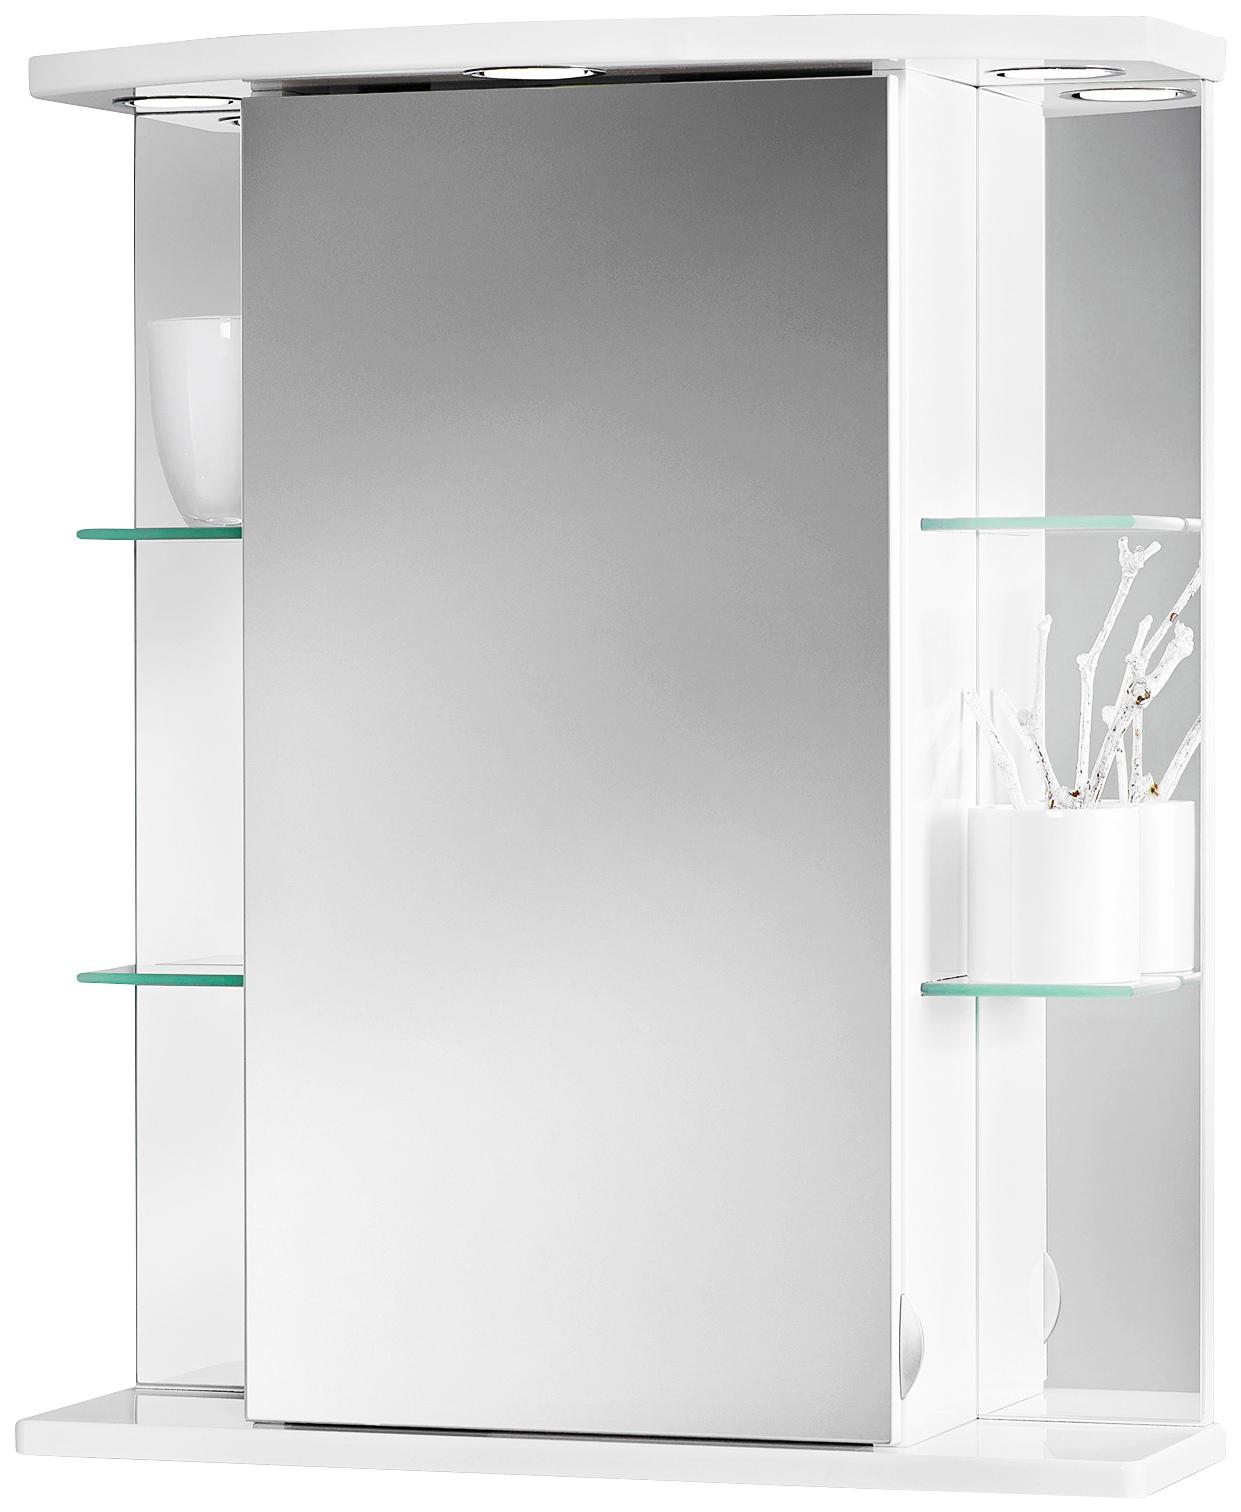 JOKEY Spiegelschrank »Havana LED«, Breite 55 cm | Bad > Badmöbel > Spiegelschränke fürs Bad | jokey